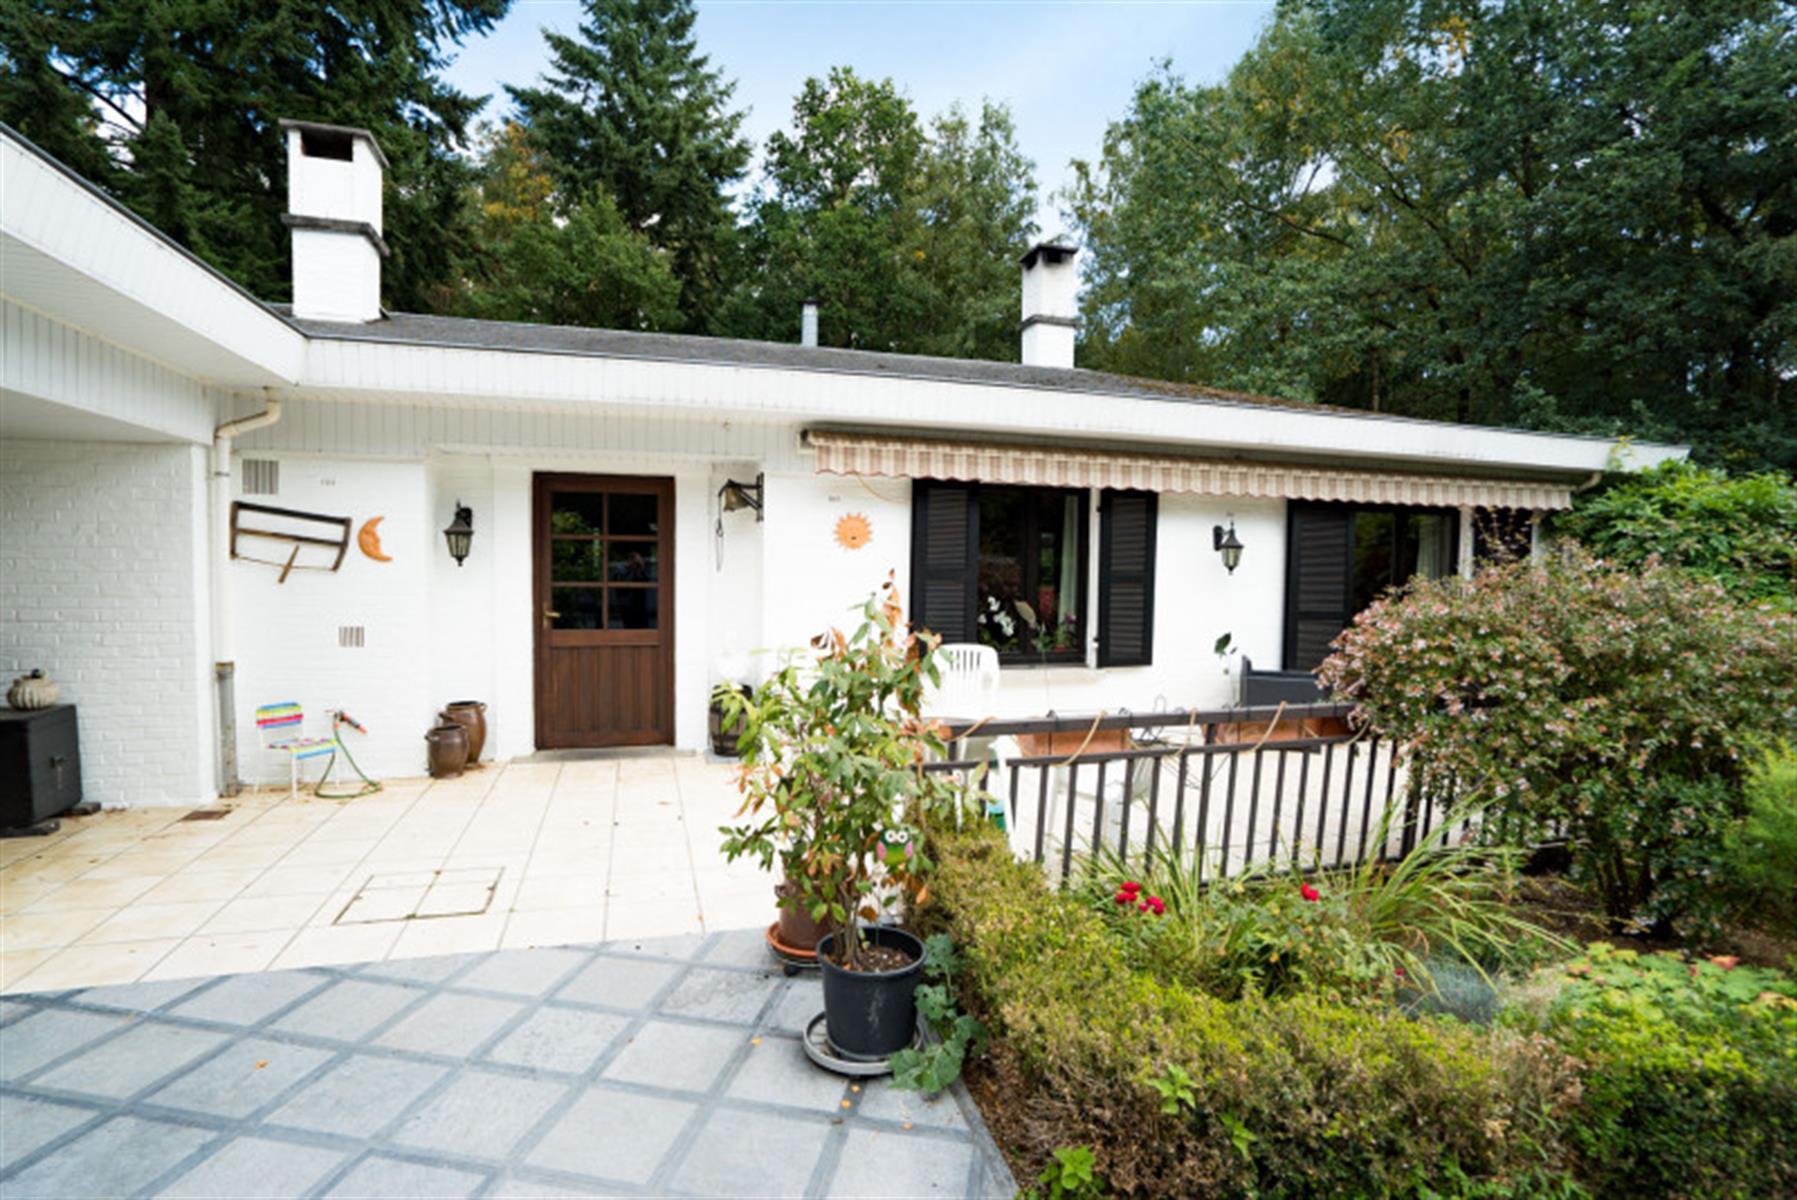 Villa - Genappe Bousval - #3863187-1